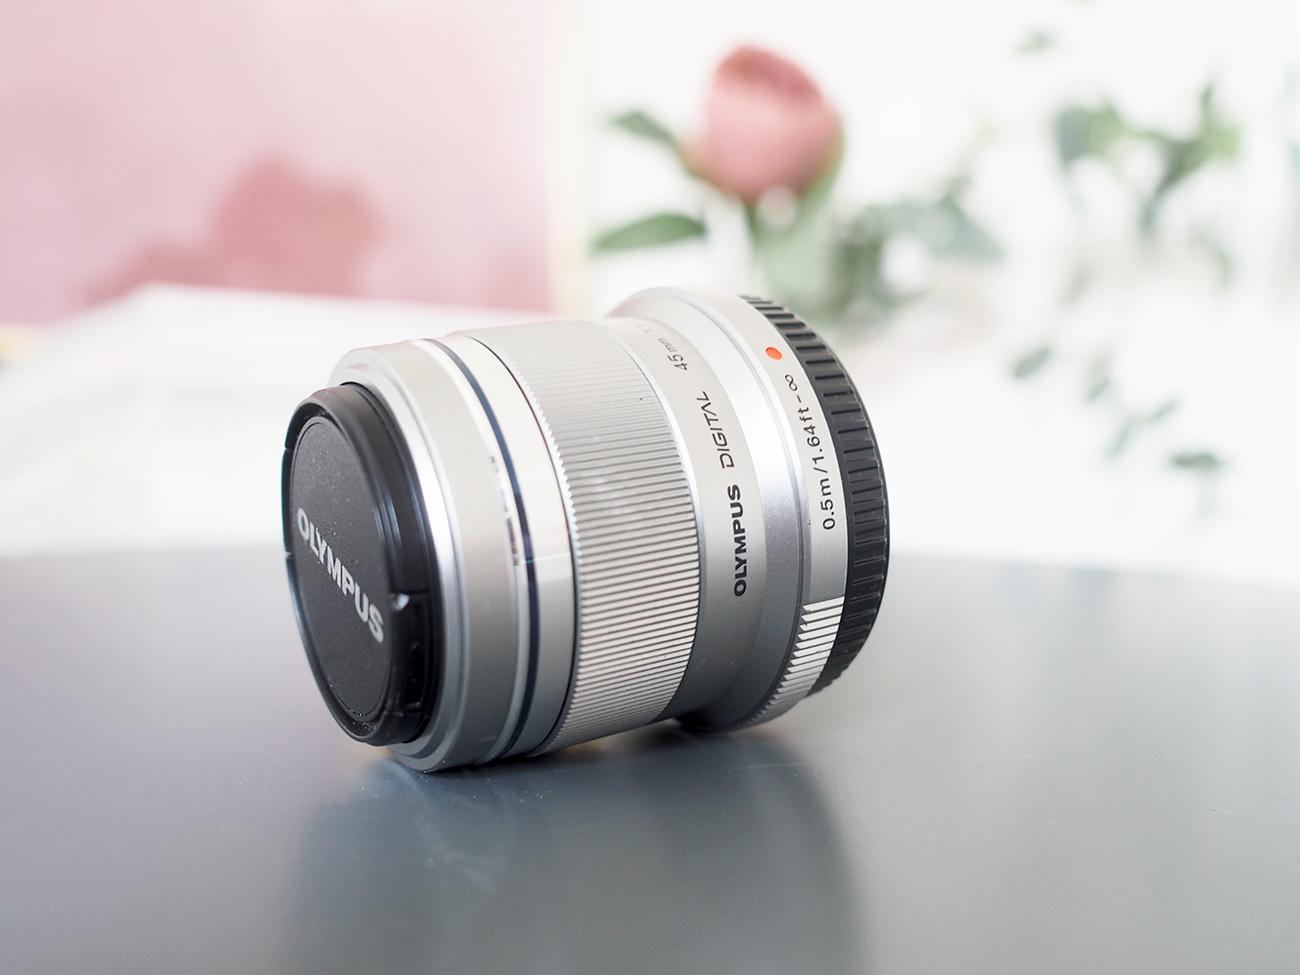 olympus pen 45mm lens review